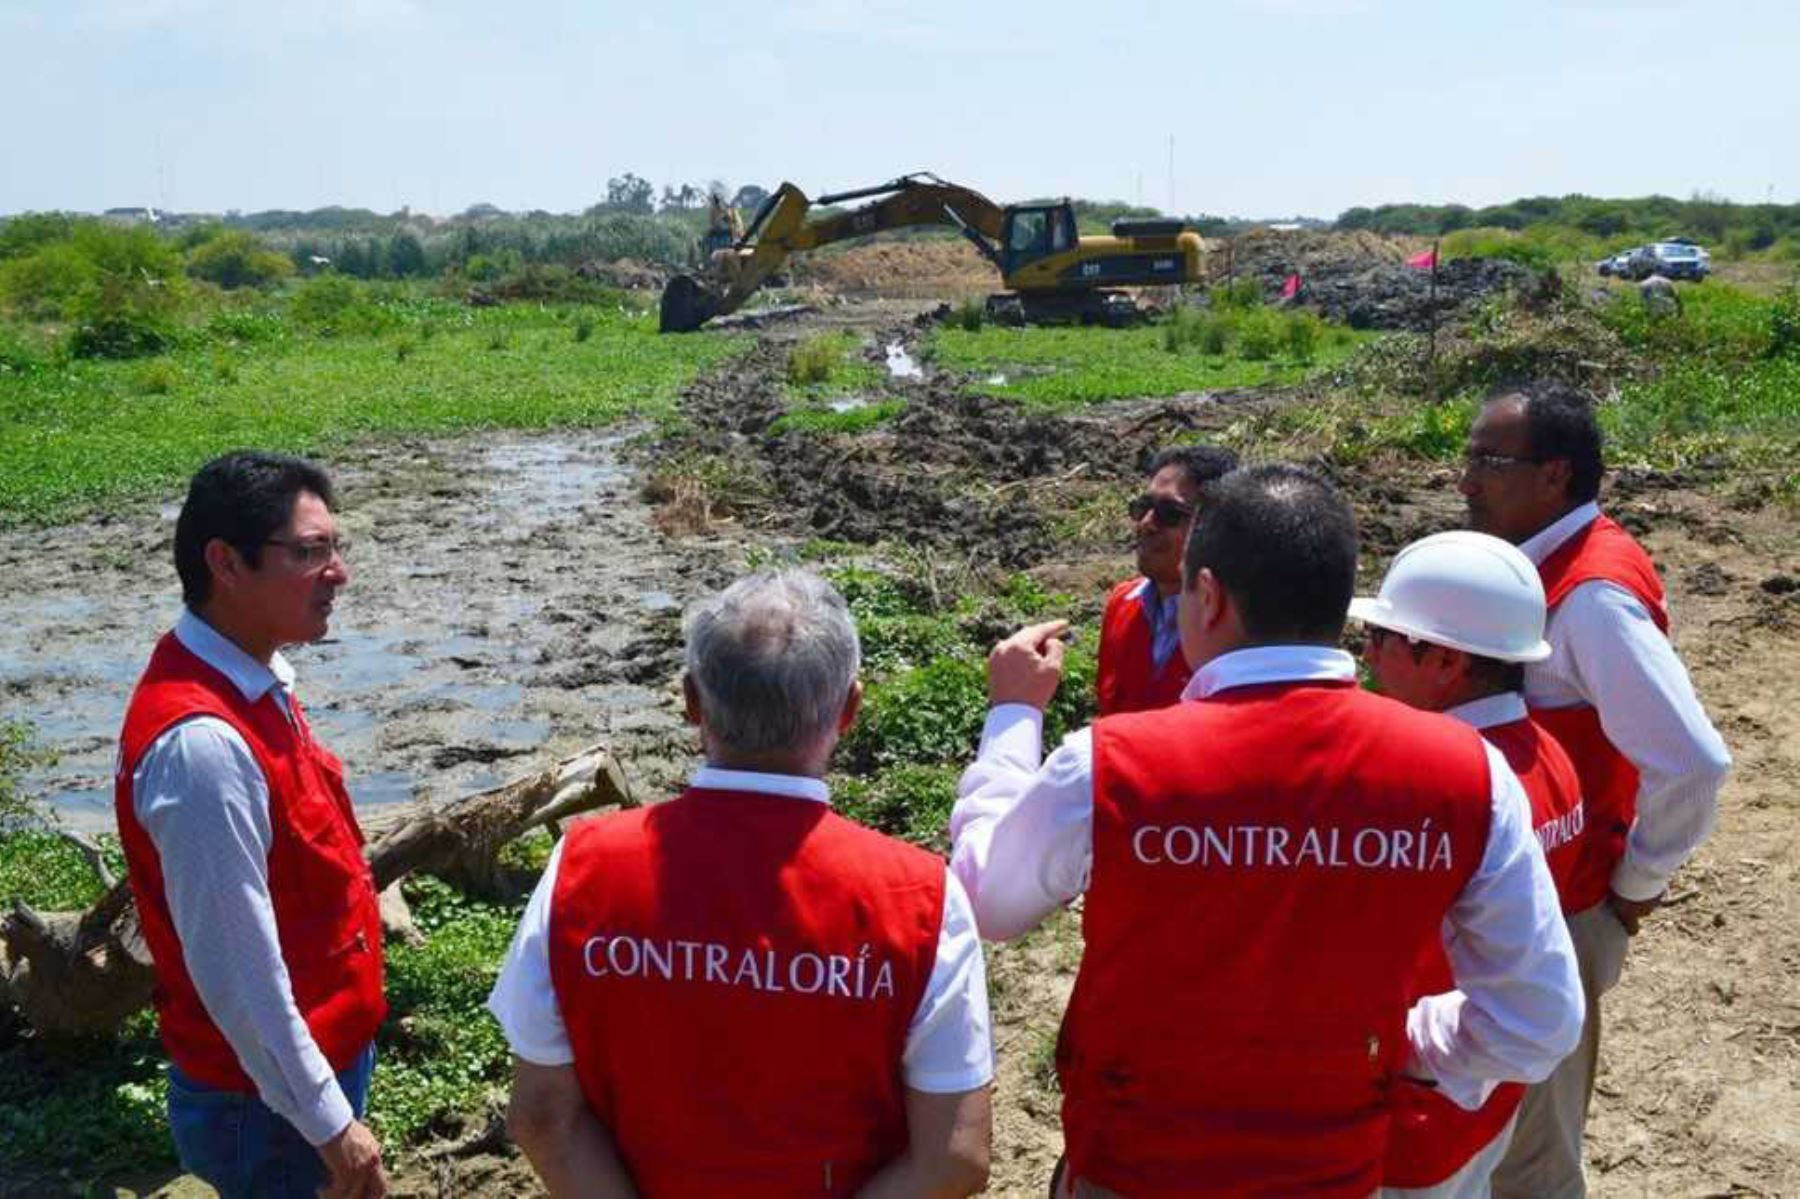 La Contraloría General de la República identificó un total de 534 obras y servicios implementados en el marco de la Reconstrucción con Cambios, de los cuales 200 se encuentran en ejecución, otras 20 están paralizadas y 5 abandonadas.